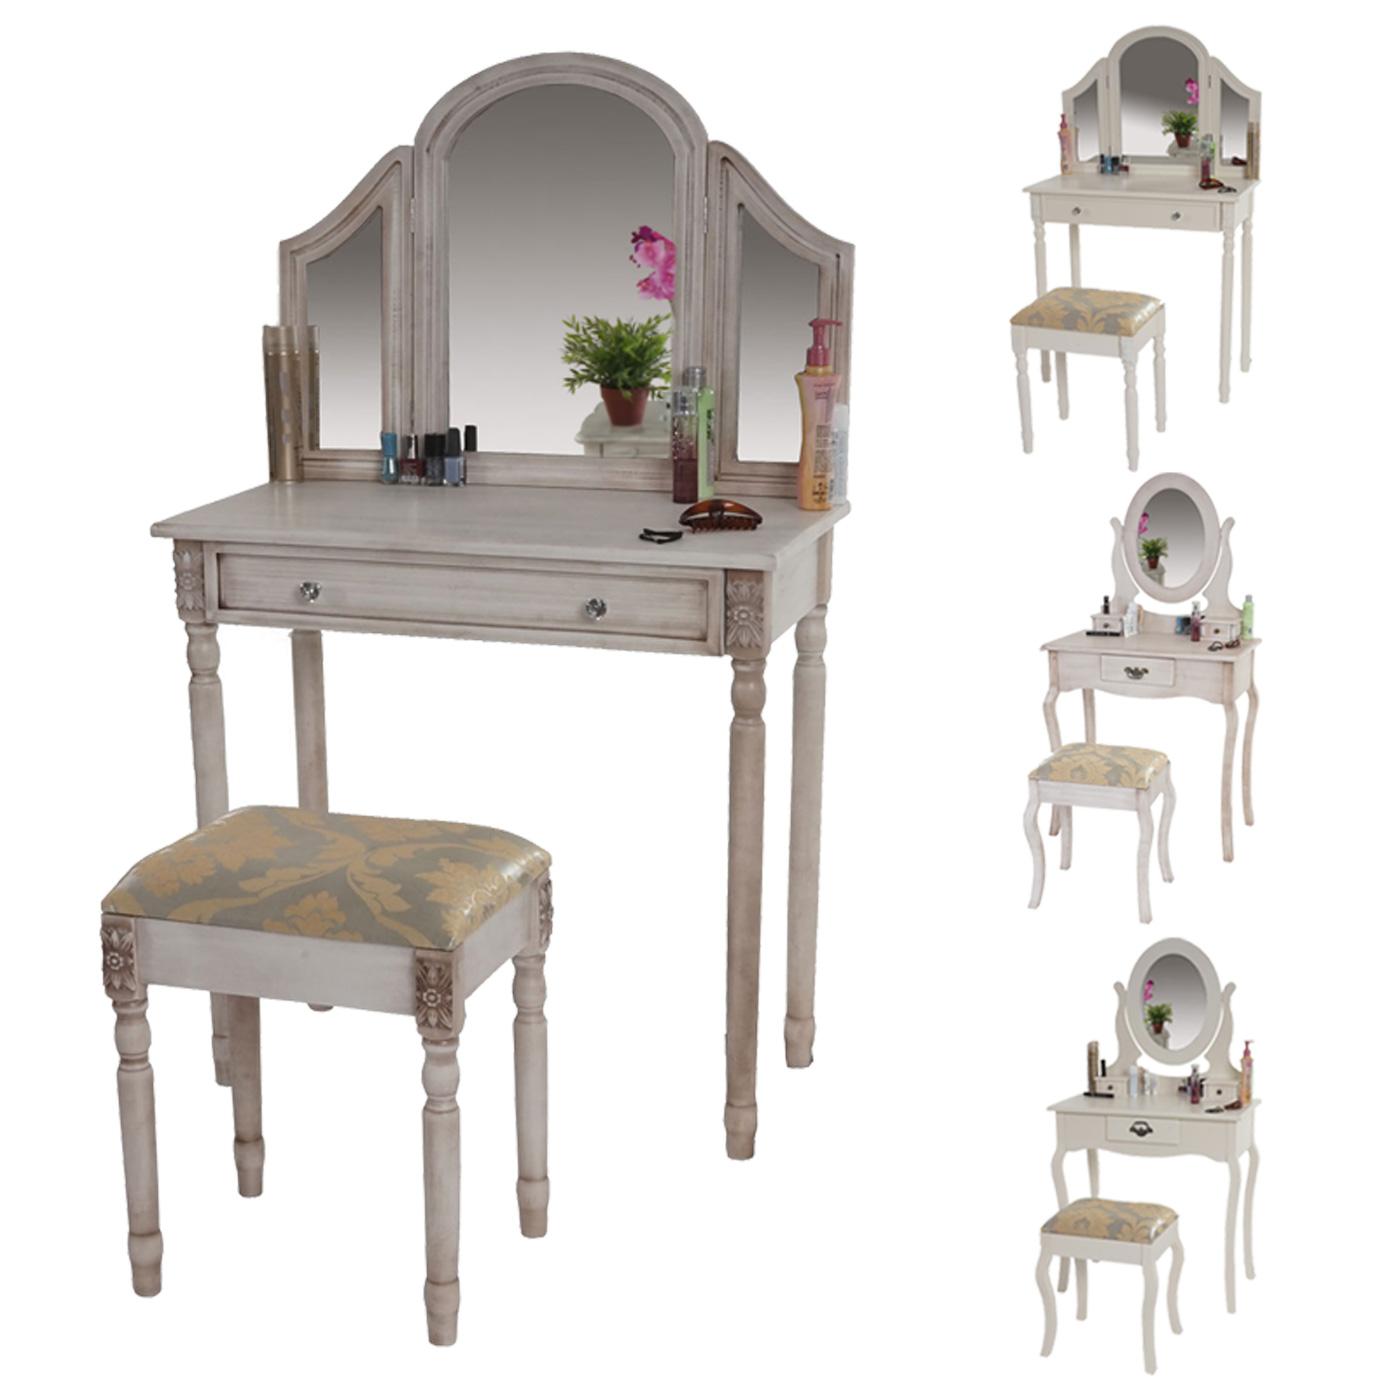 schminktisch gela frisiertisch mit hocker kosmetiktisch barock antik ebay. Black Bedroom Furniture Sets. Home Design Ideas